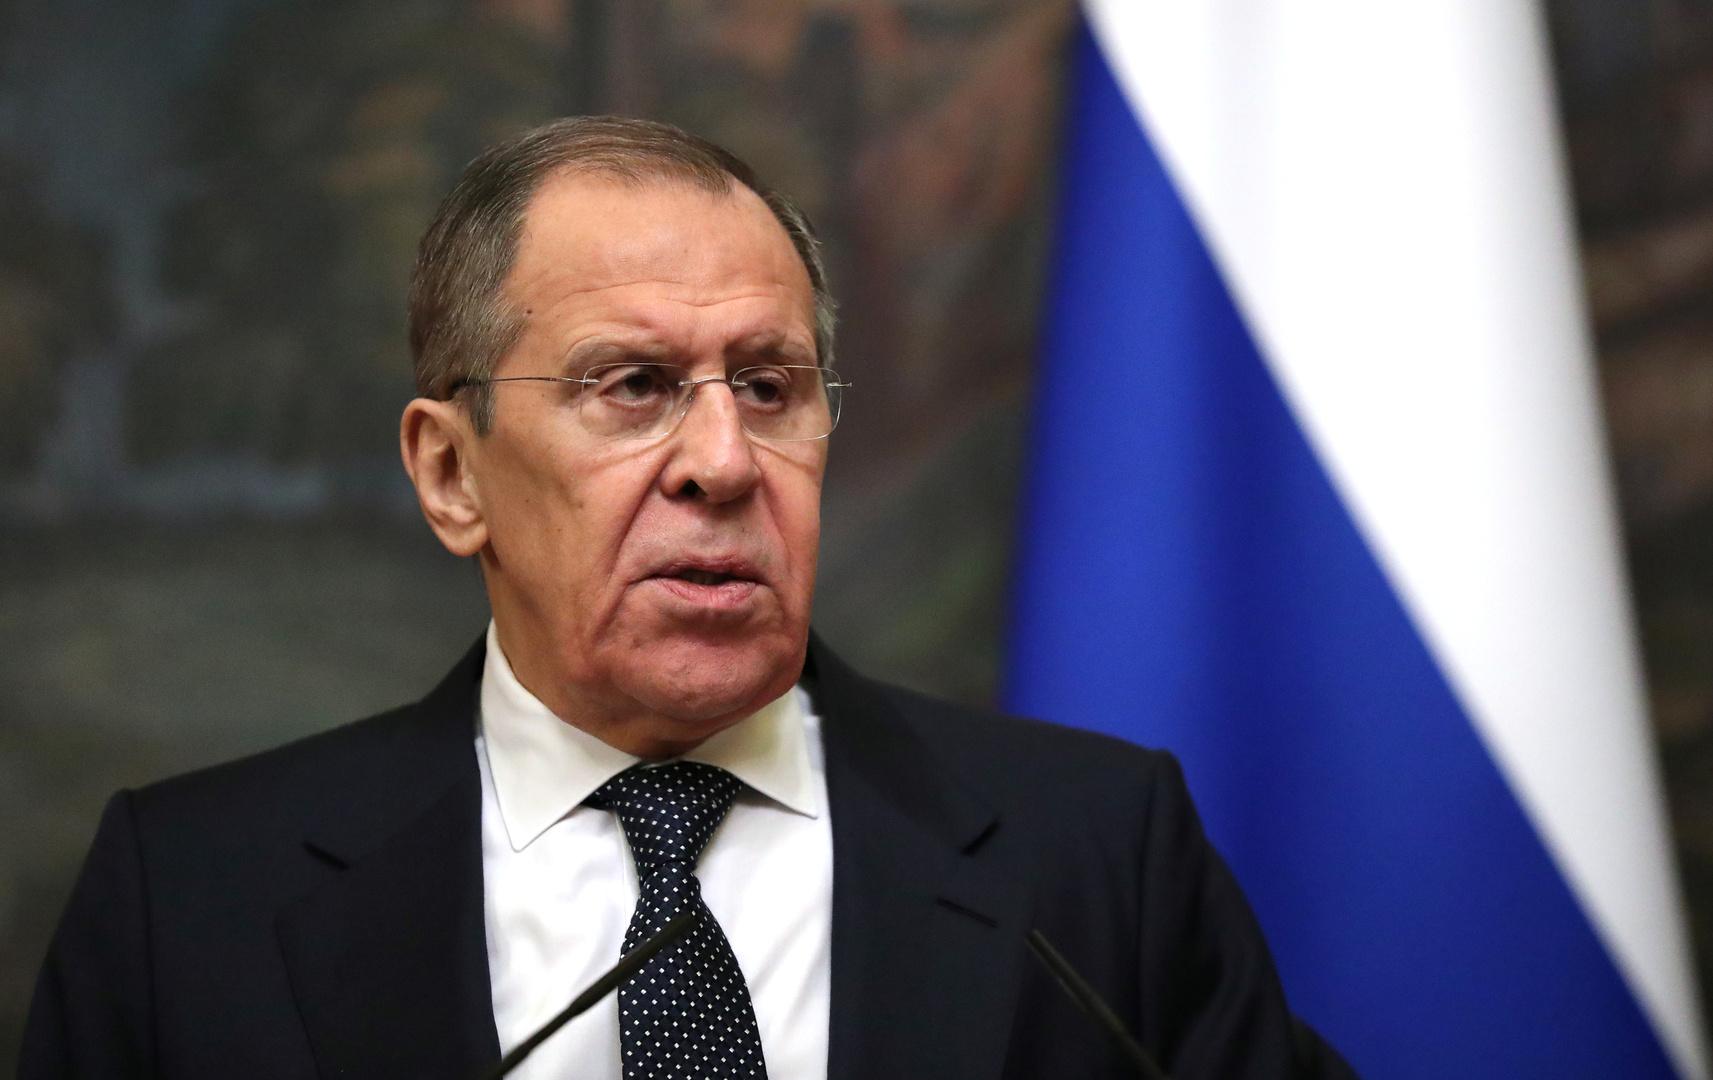 لافروف: العقوبات الغربية المحتملة لن تبقى دون رد